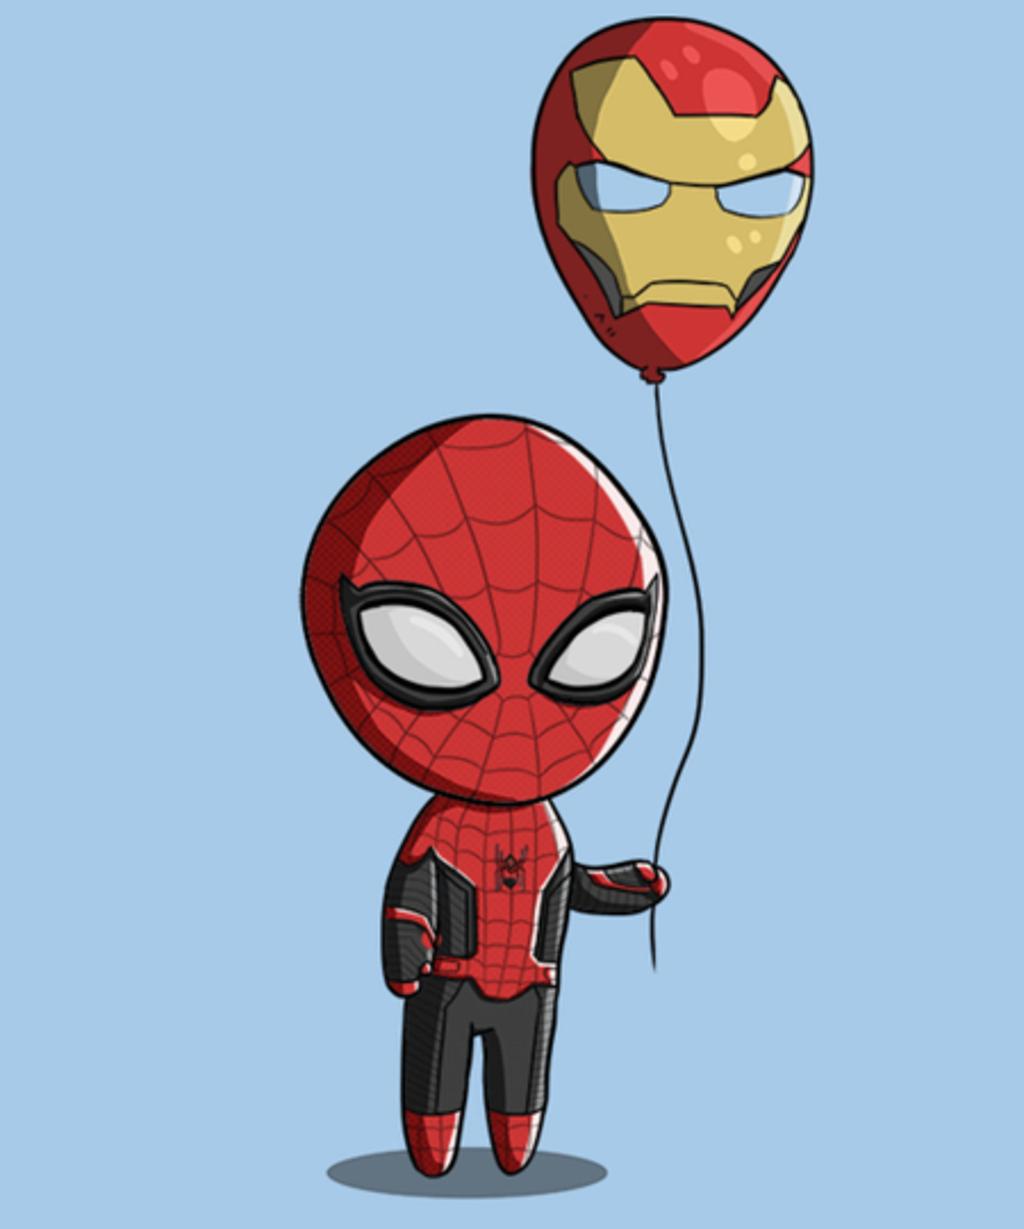 Qwertee: Spidey Balloon